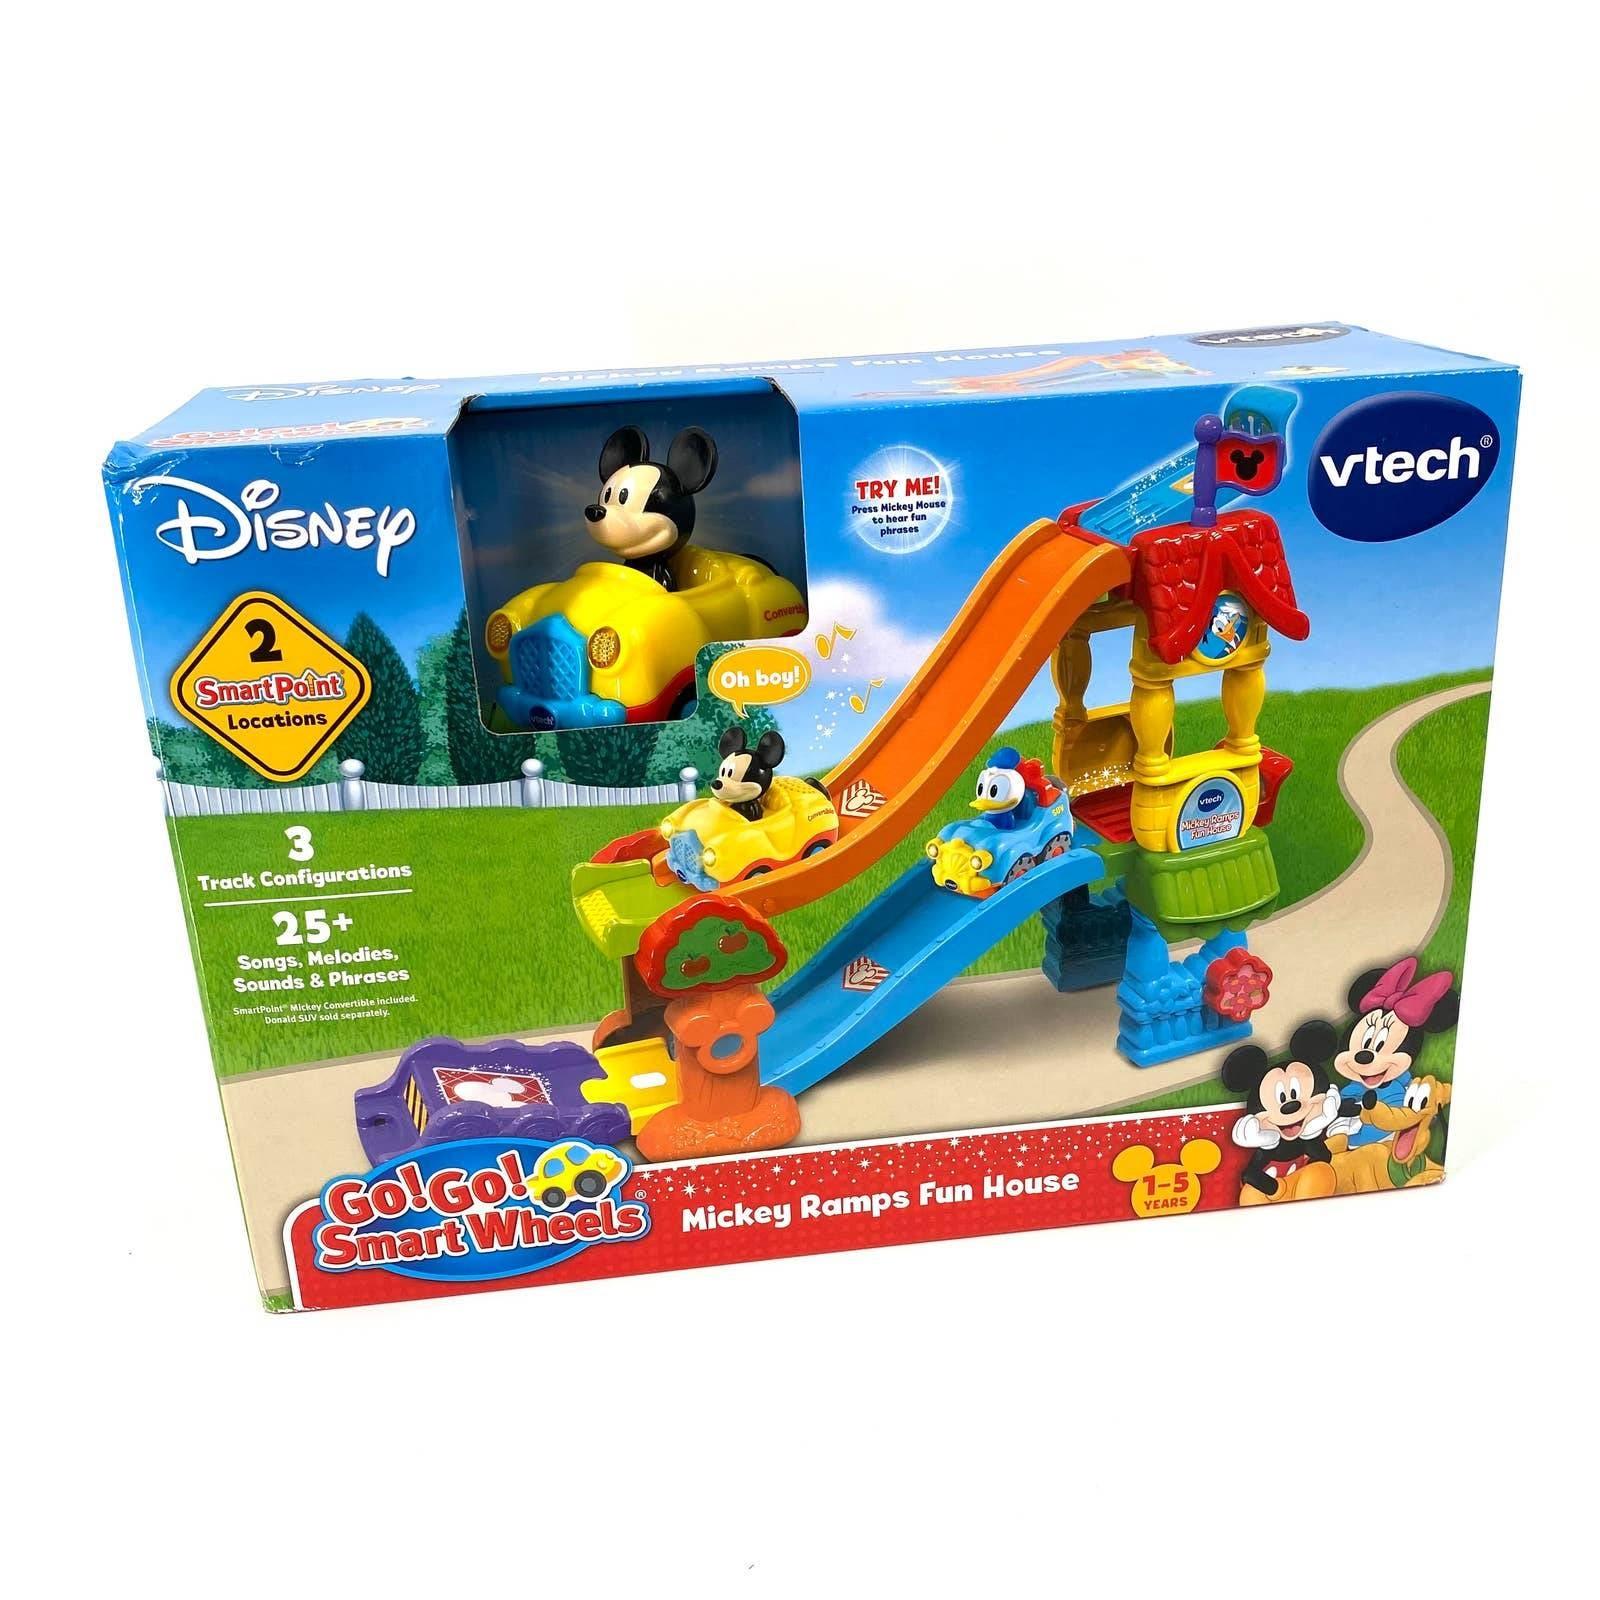 Disney Mickey Ramps Fun House 1-5 years